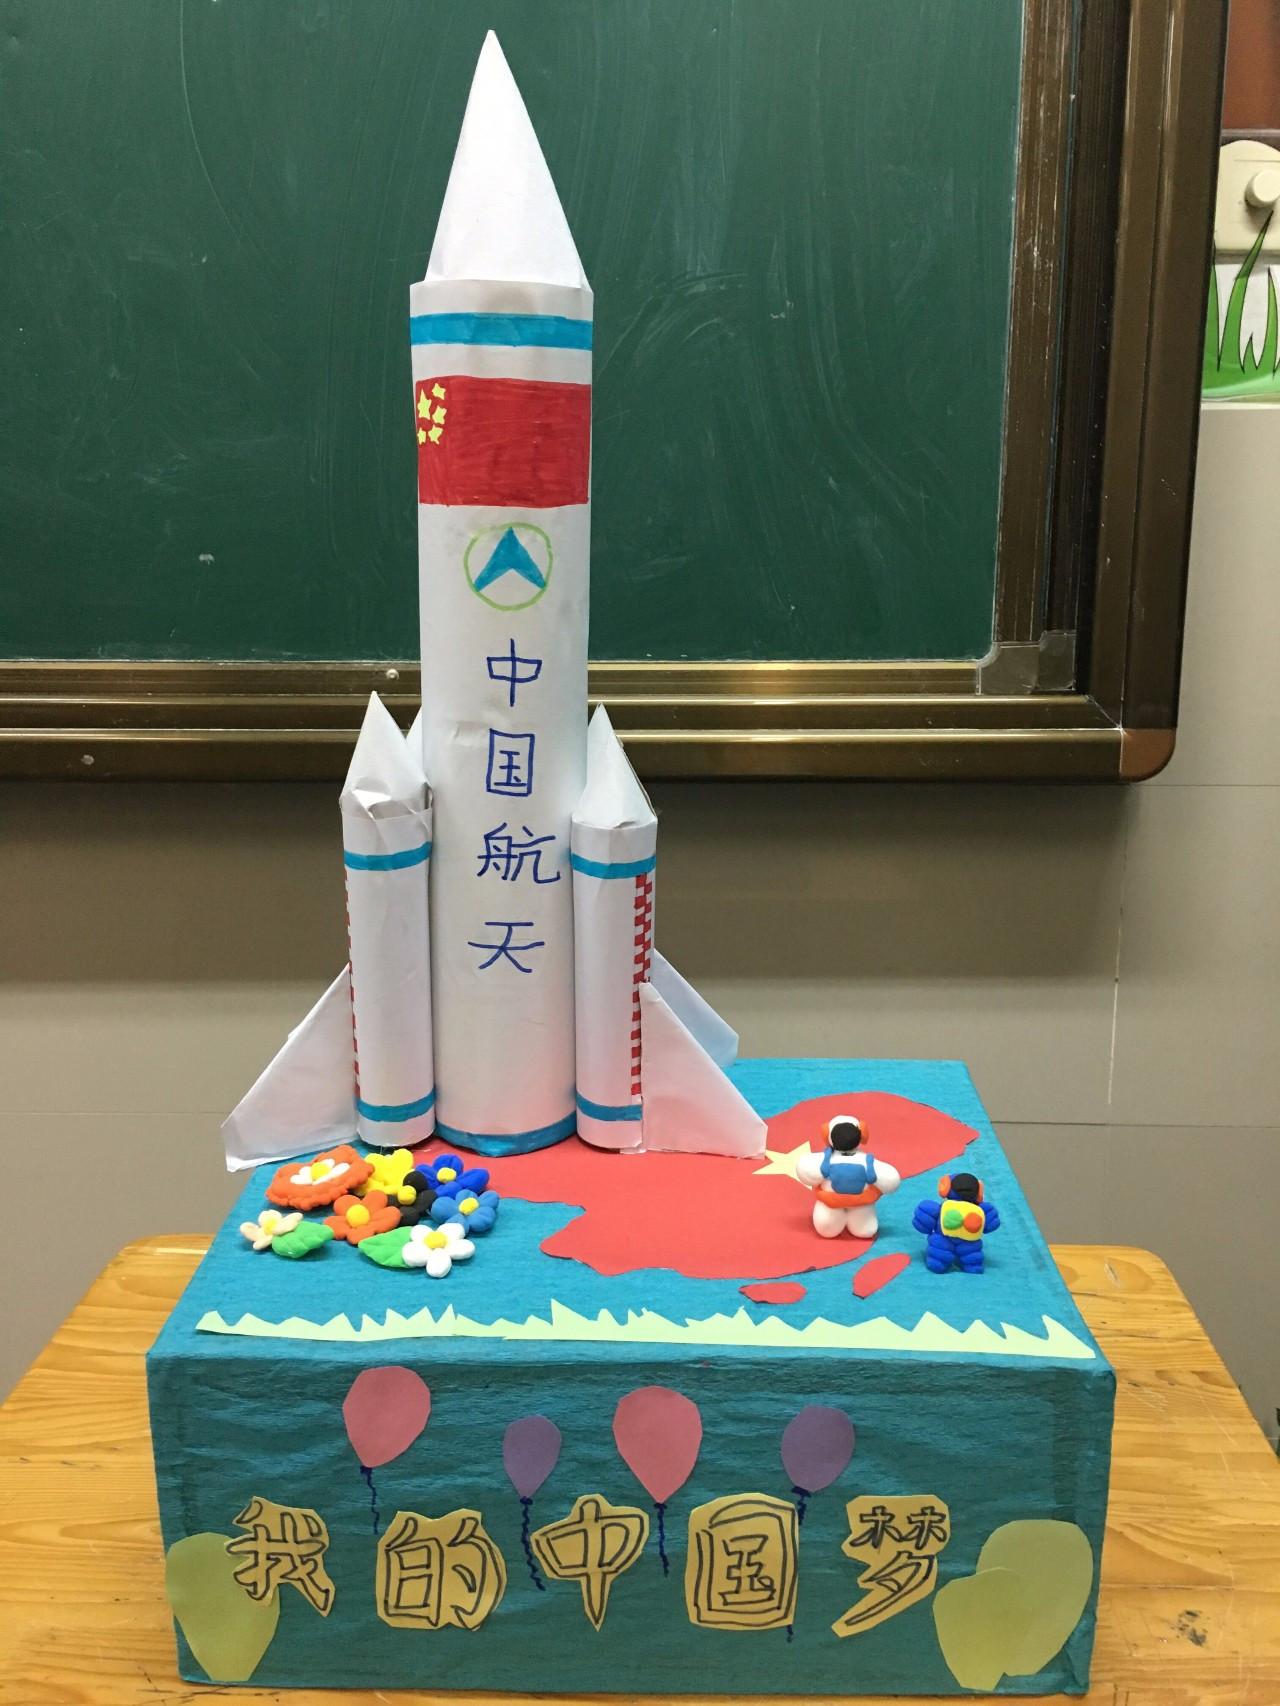 新学堂动态丨我的中国梦·航天梦:回收废旧材料做成环保航模,超越梦想